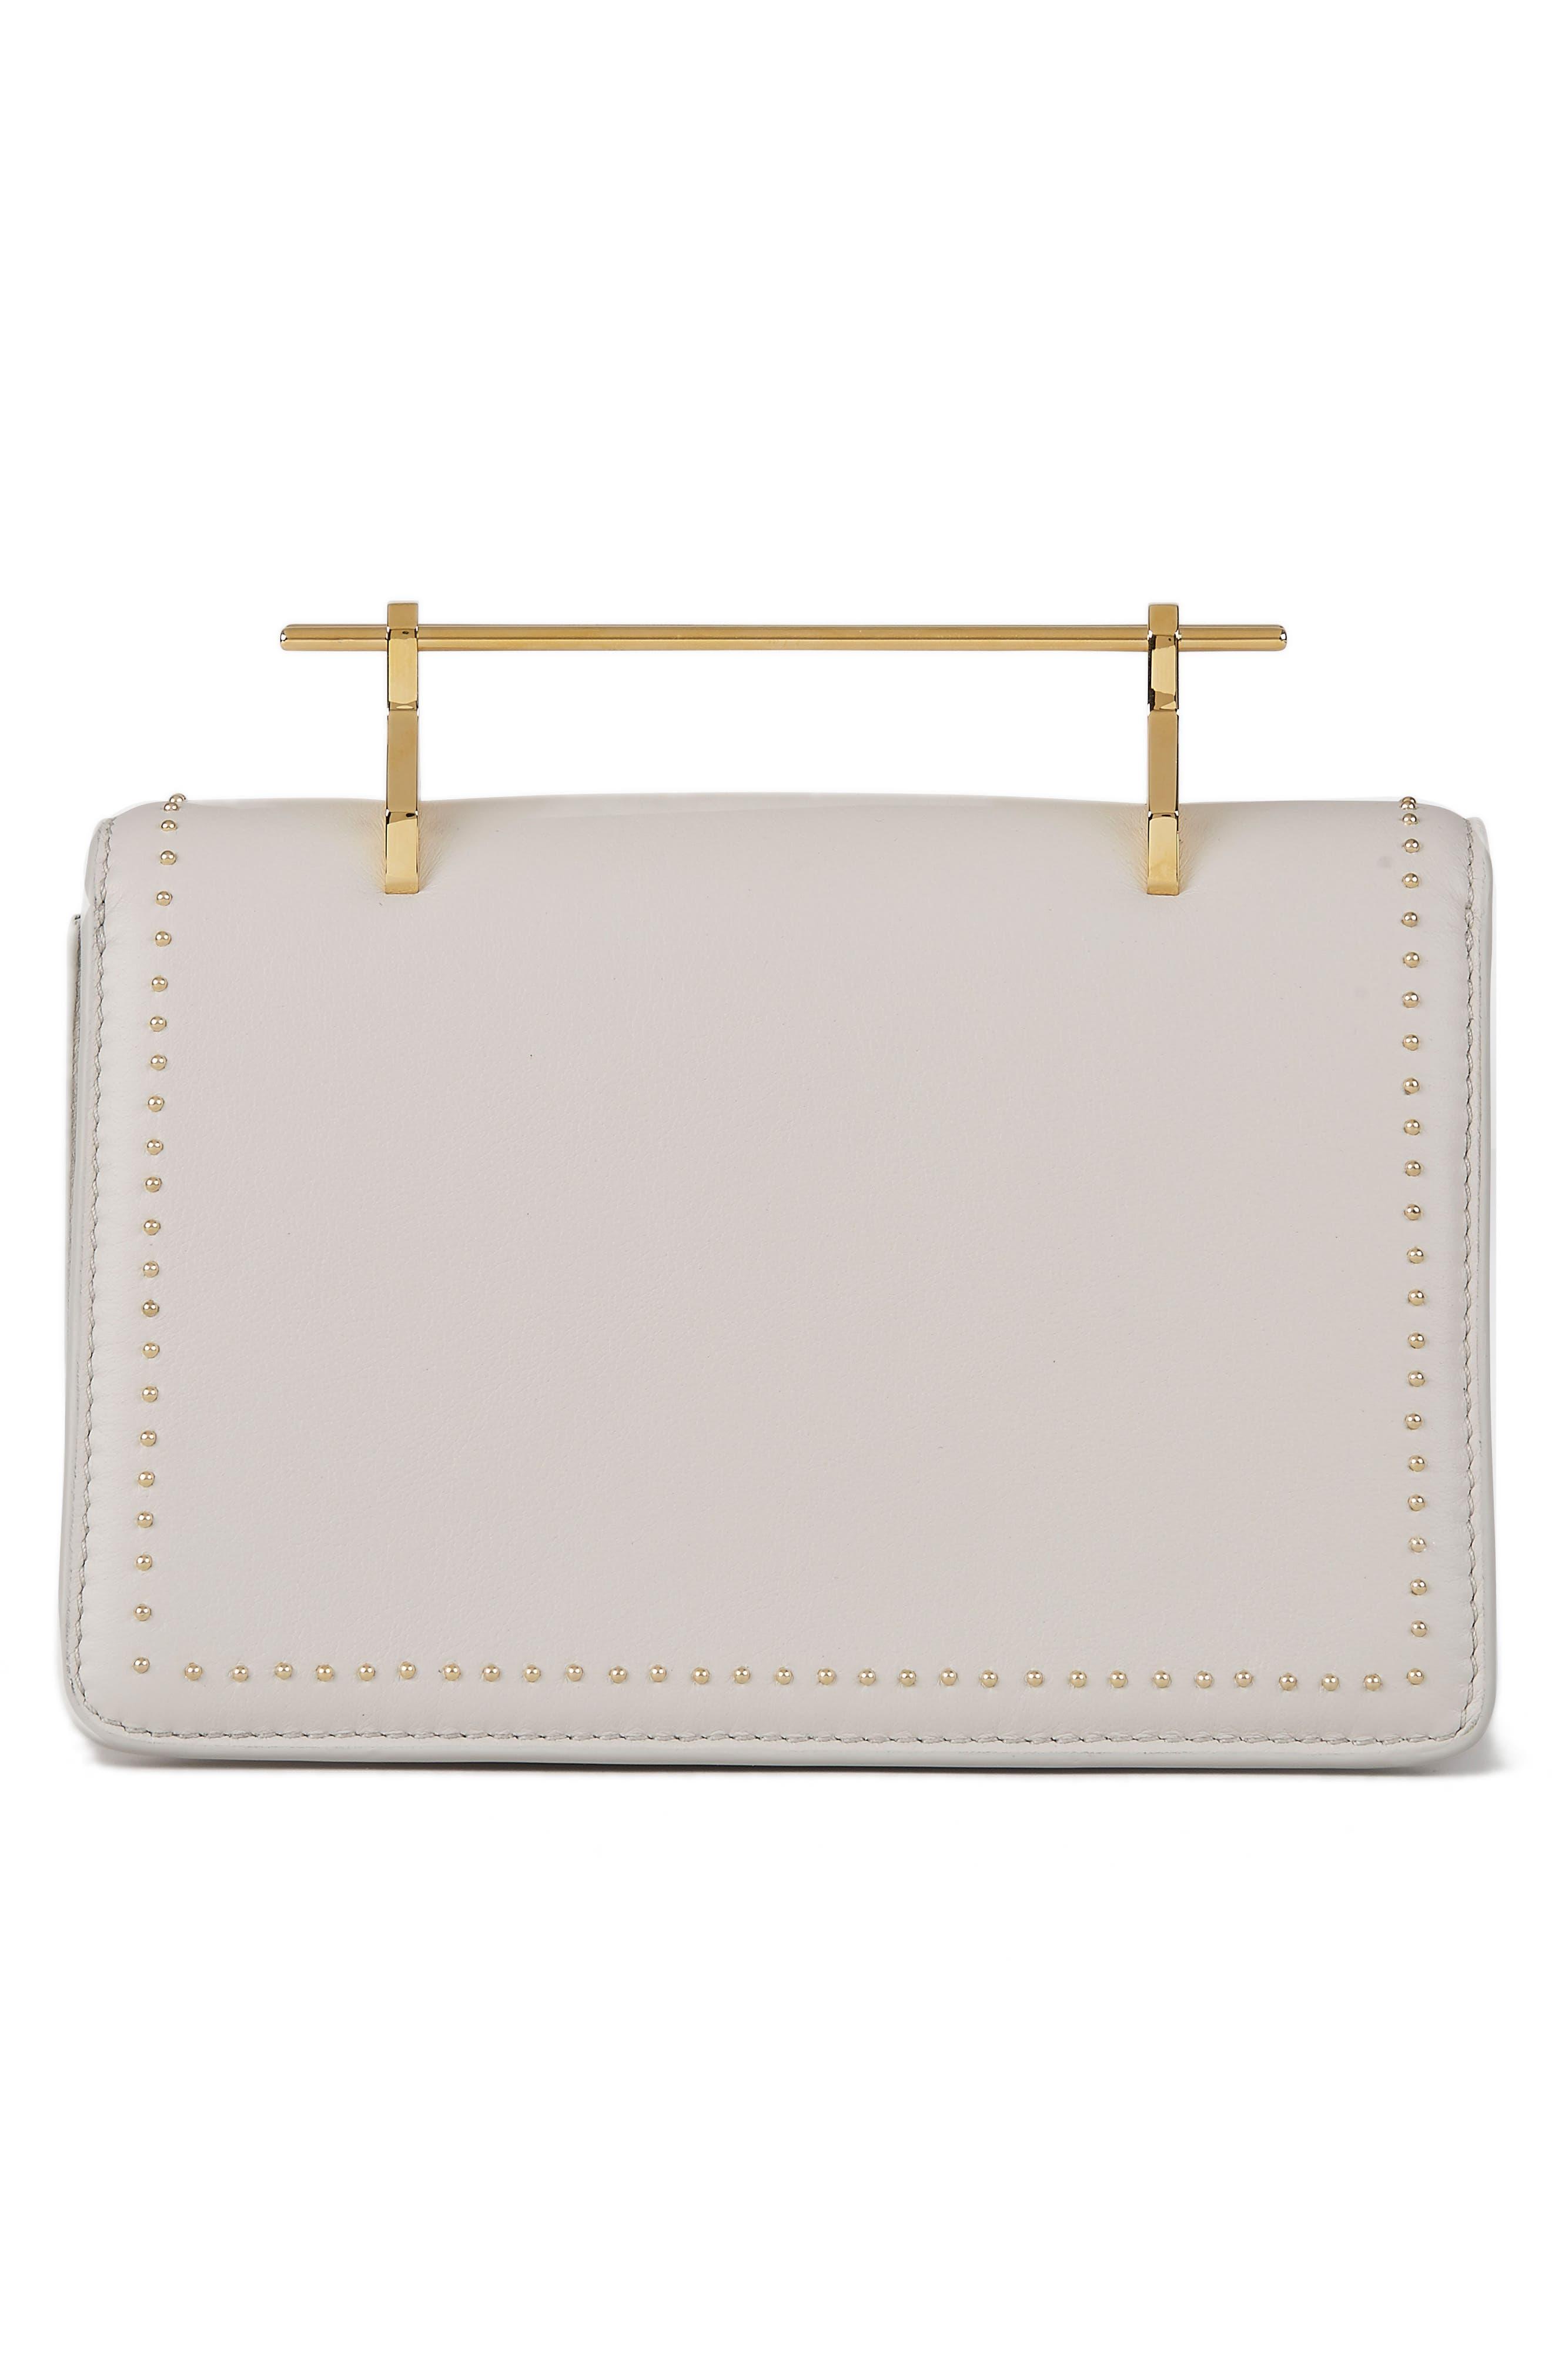 Indre Leather Shoulder Bag,                             Alternate thumbnail 2, color,                             Studded Cool Grey/ Gold